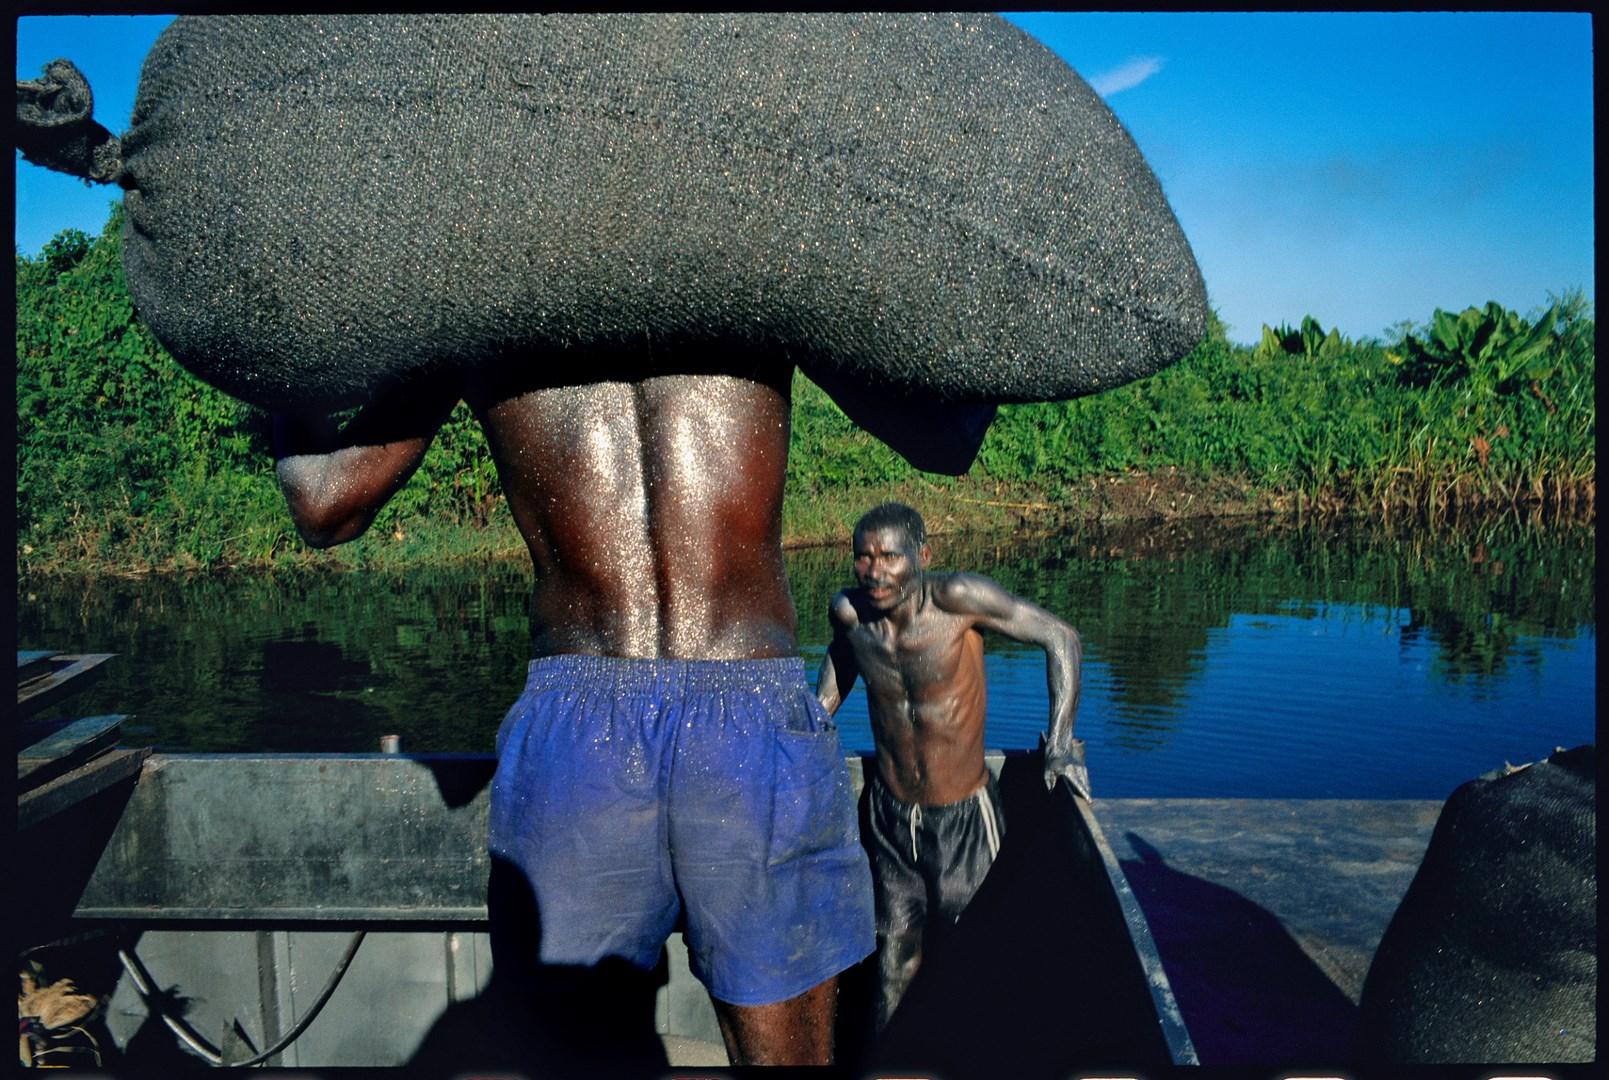 MADAGASCAR 2004 – Canal des Pangalanes. Village d¹Amarovitsy où il y a les mines de graphite des établissements Gallois, près de Vatomandry. Embarquement du graphite sur les barges, plus de 300 tonnes par mois sont produites et exportées. © Pascal Maitre / Cosmos